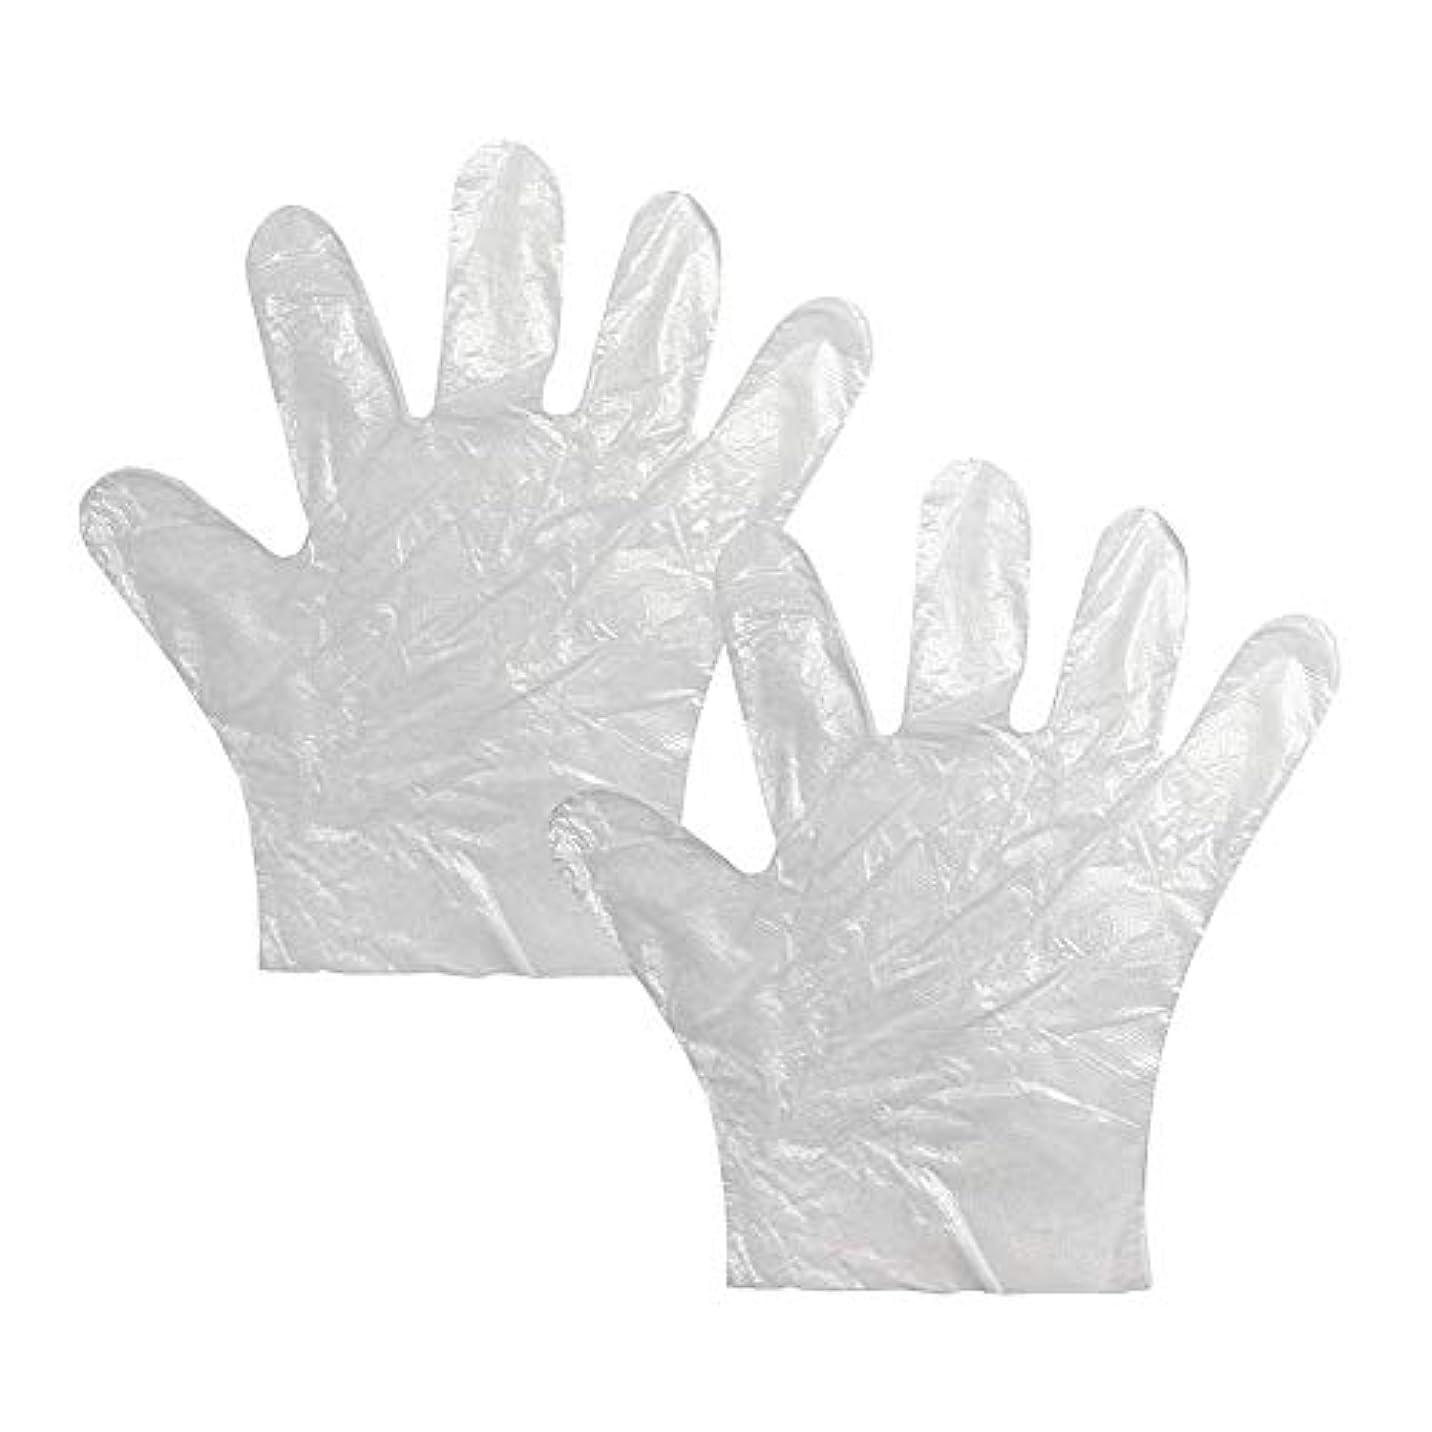 夜明けに終点つかむ使い捨て手袋 極薄ビニール手袋 耐久性が強い上に軽く高品質 透明100枚*2セット